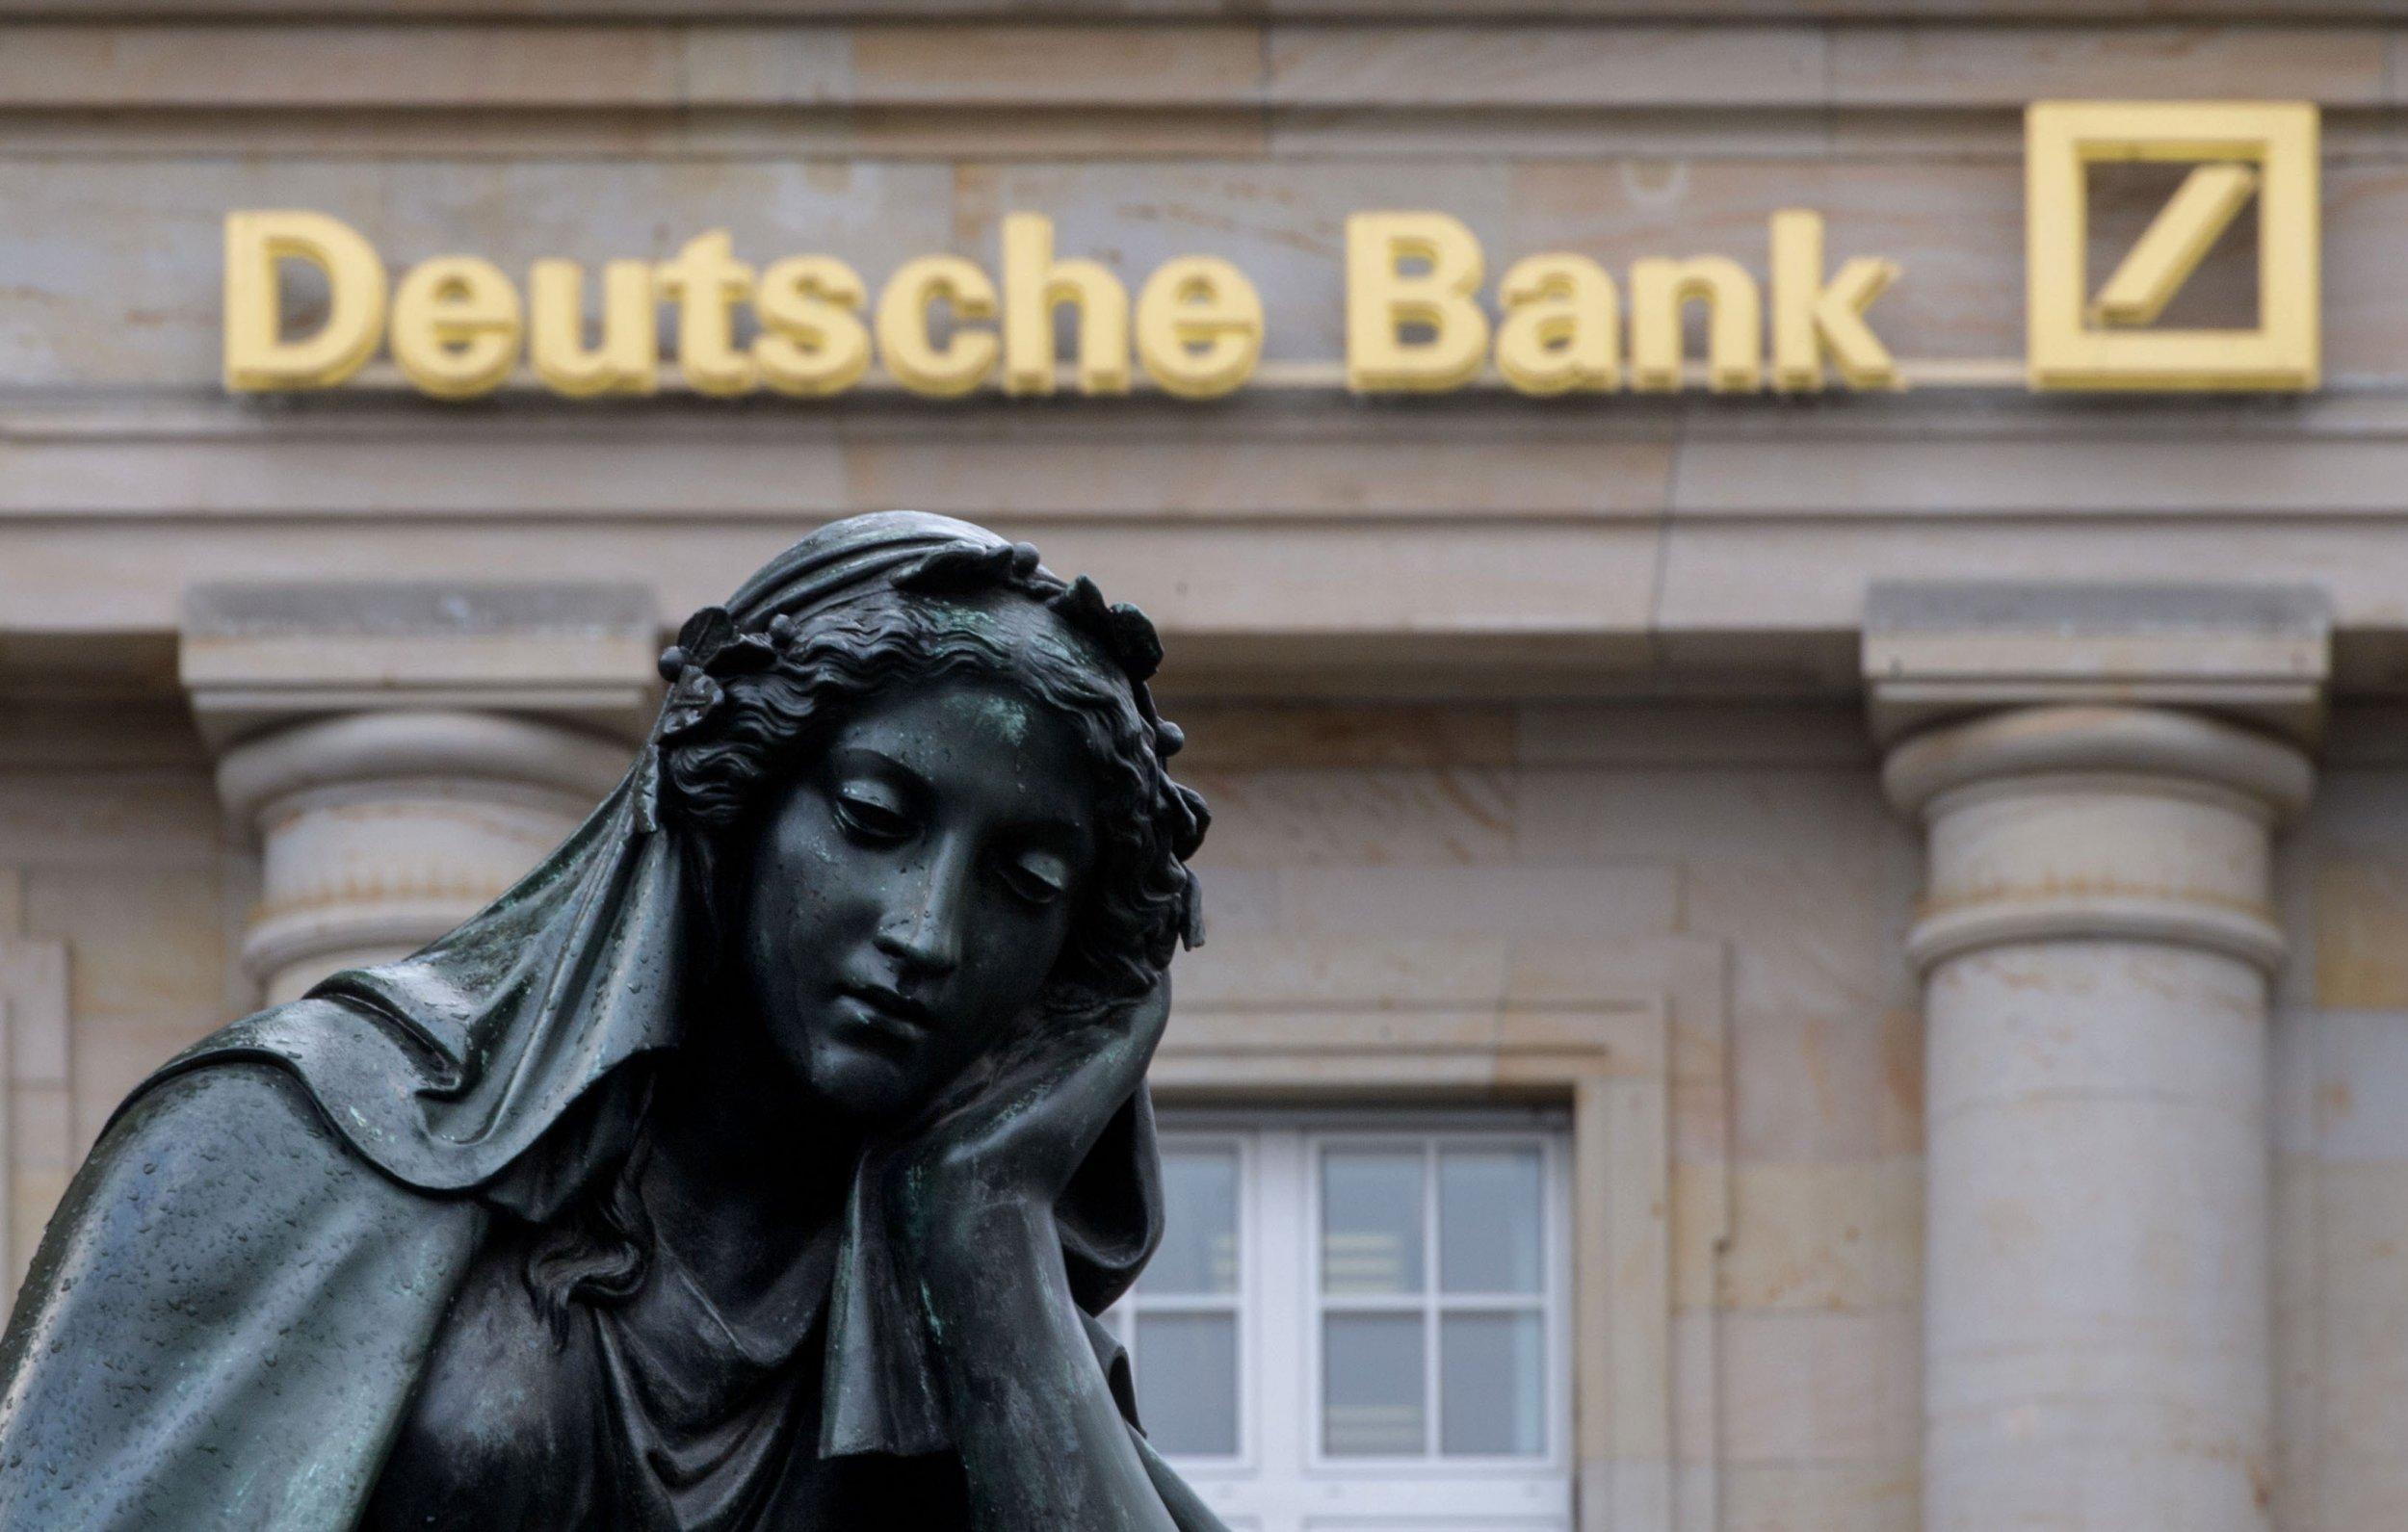 DeutscheBankDonaldTrumpMuellerReportMaxineWaters